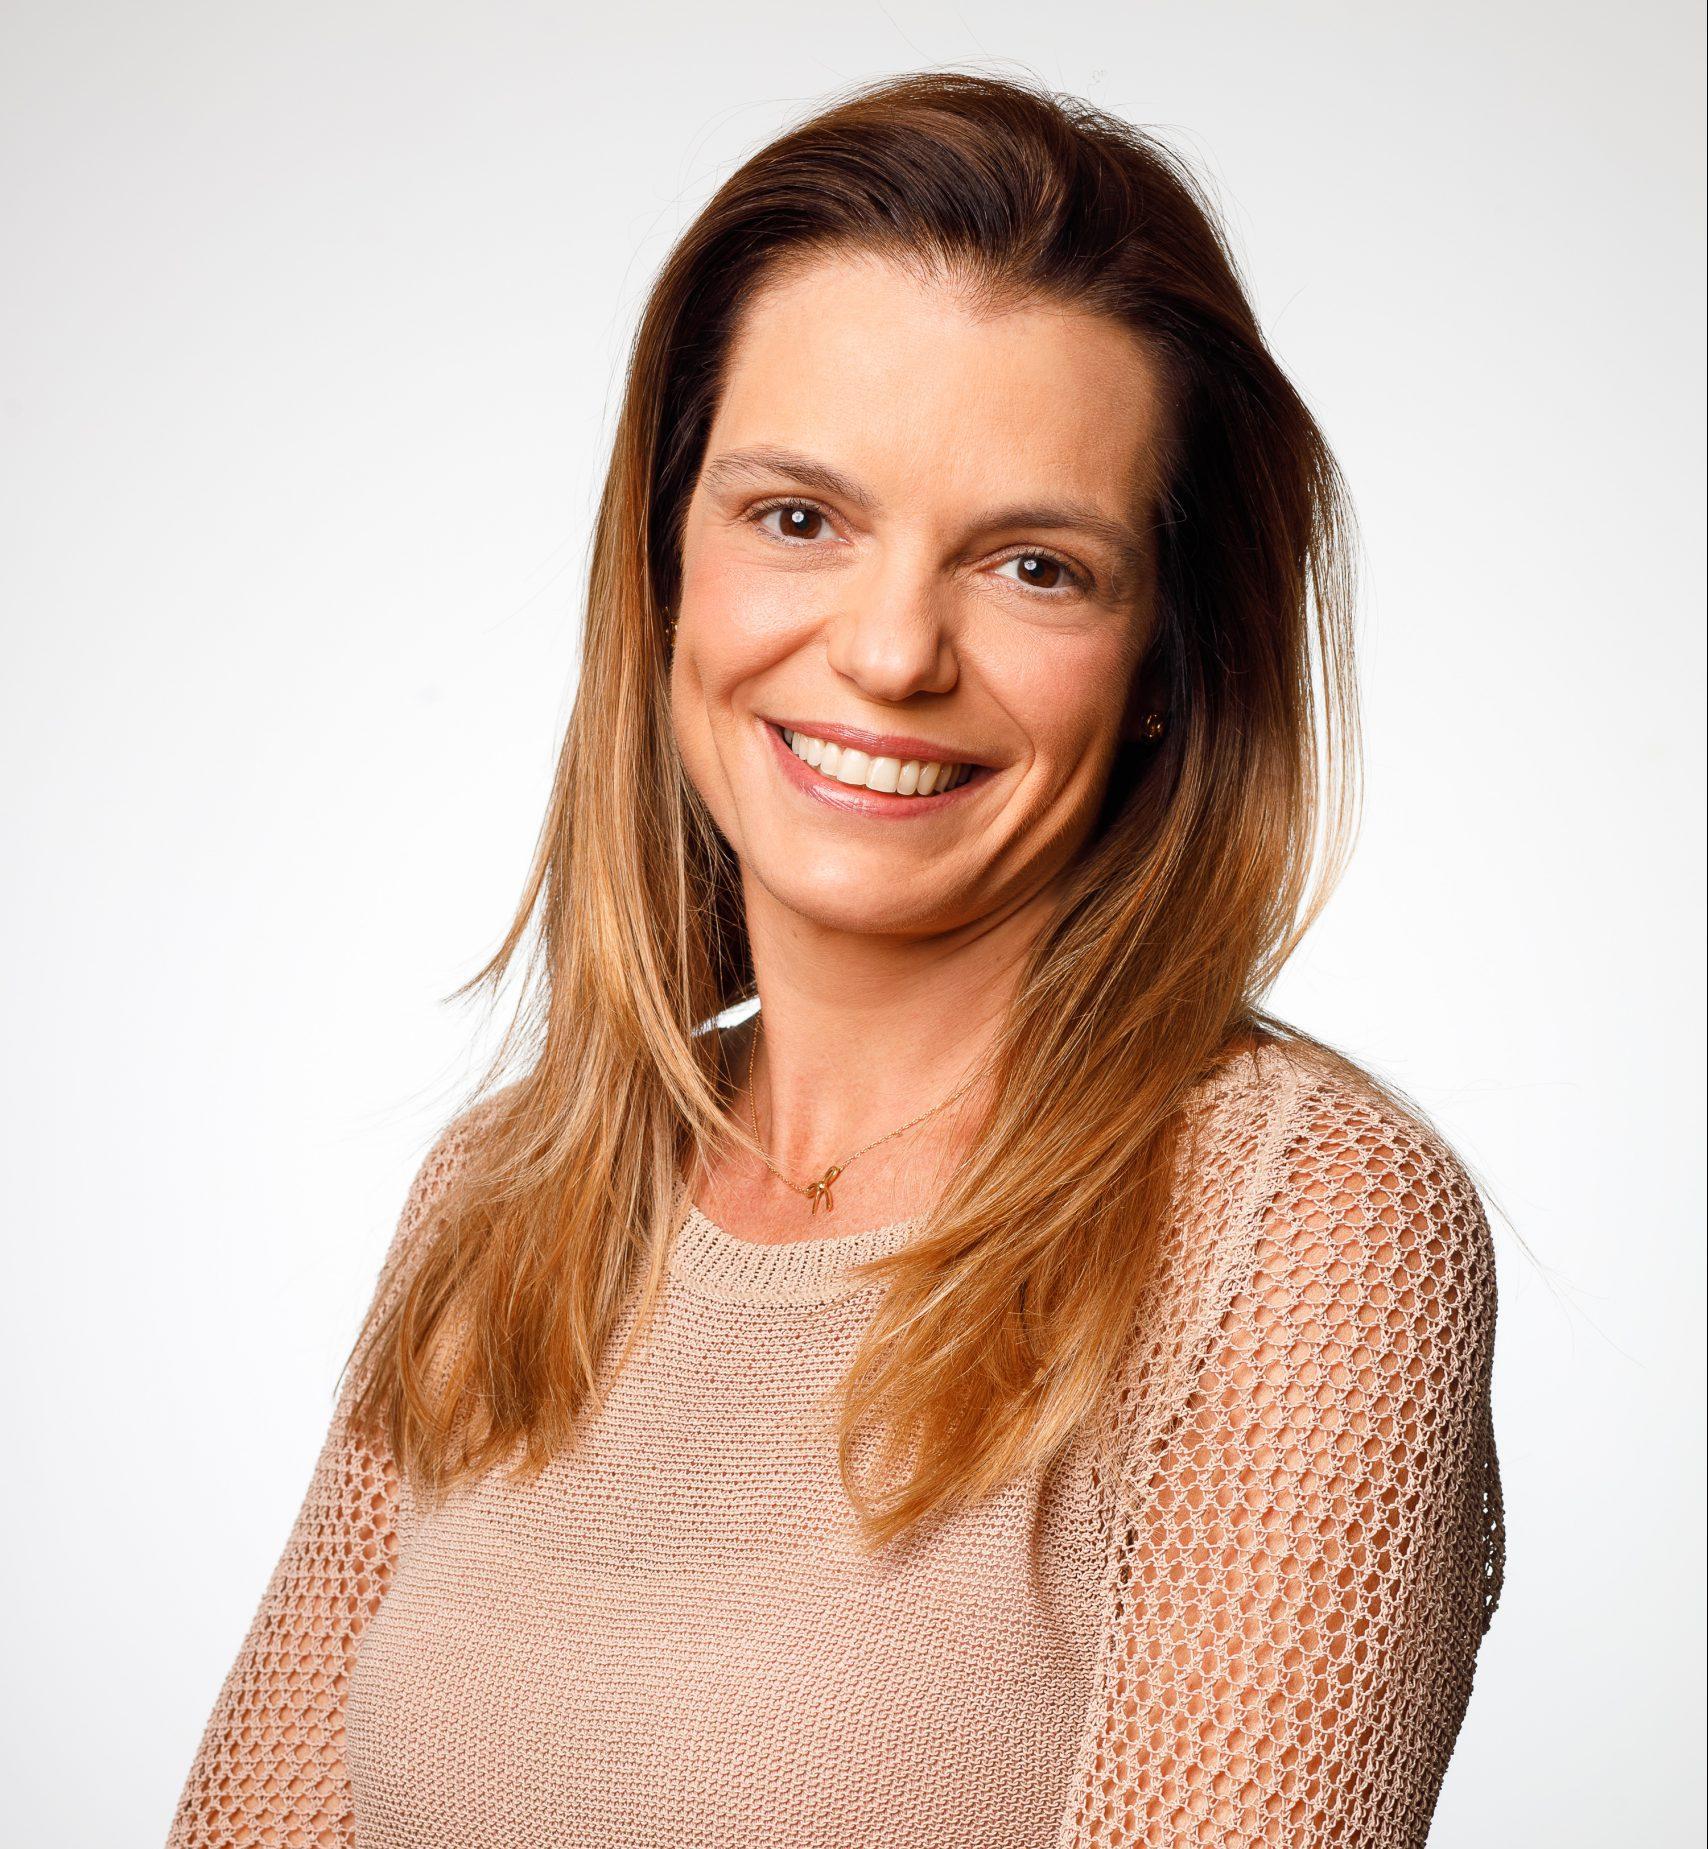 Fernanda Haddad